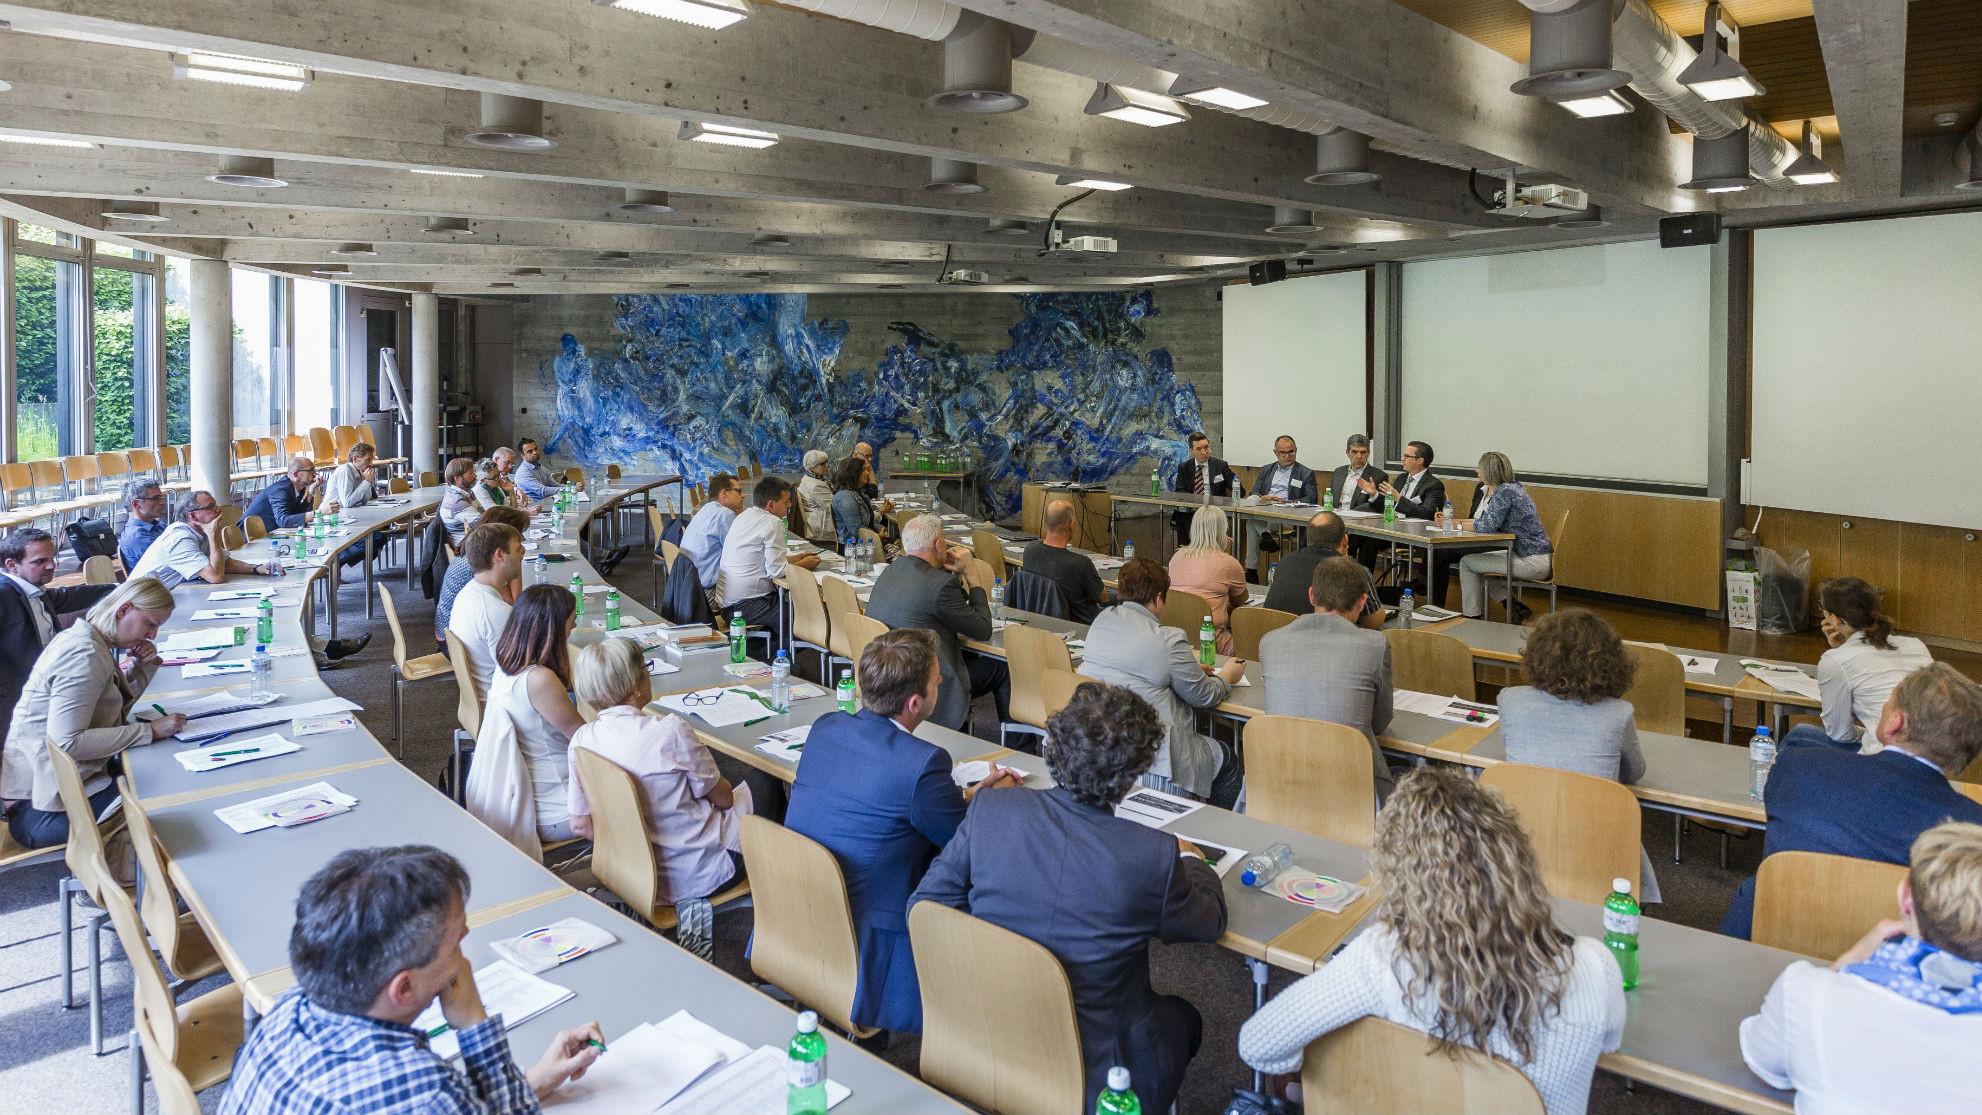 TeilnehmerInnen während der Paneldiskussion